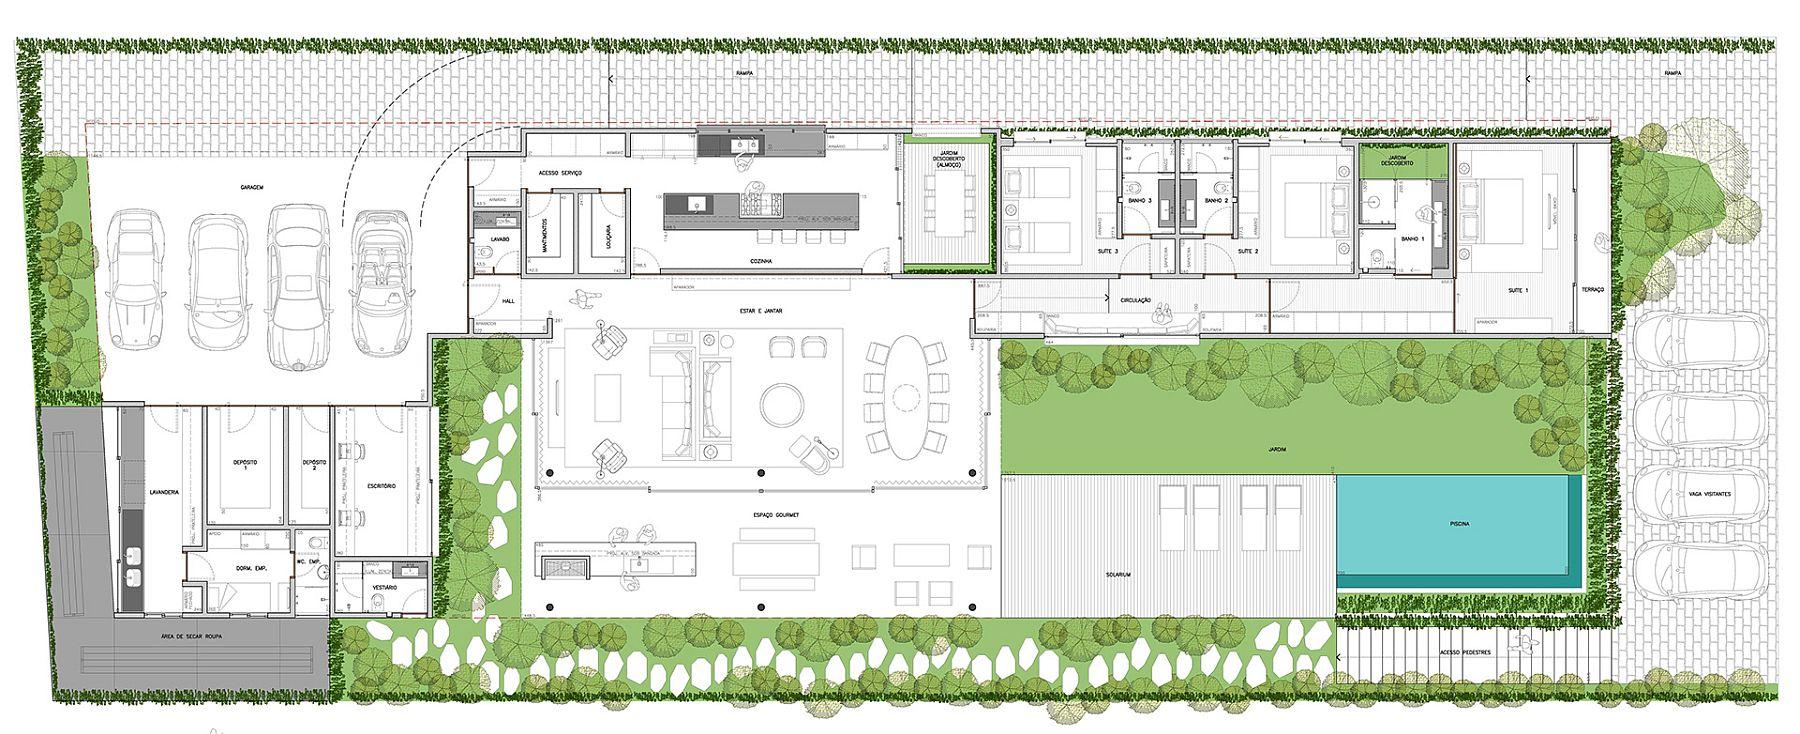 Floor plan of Casa JCM in Brazil